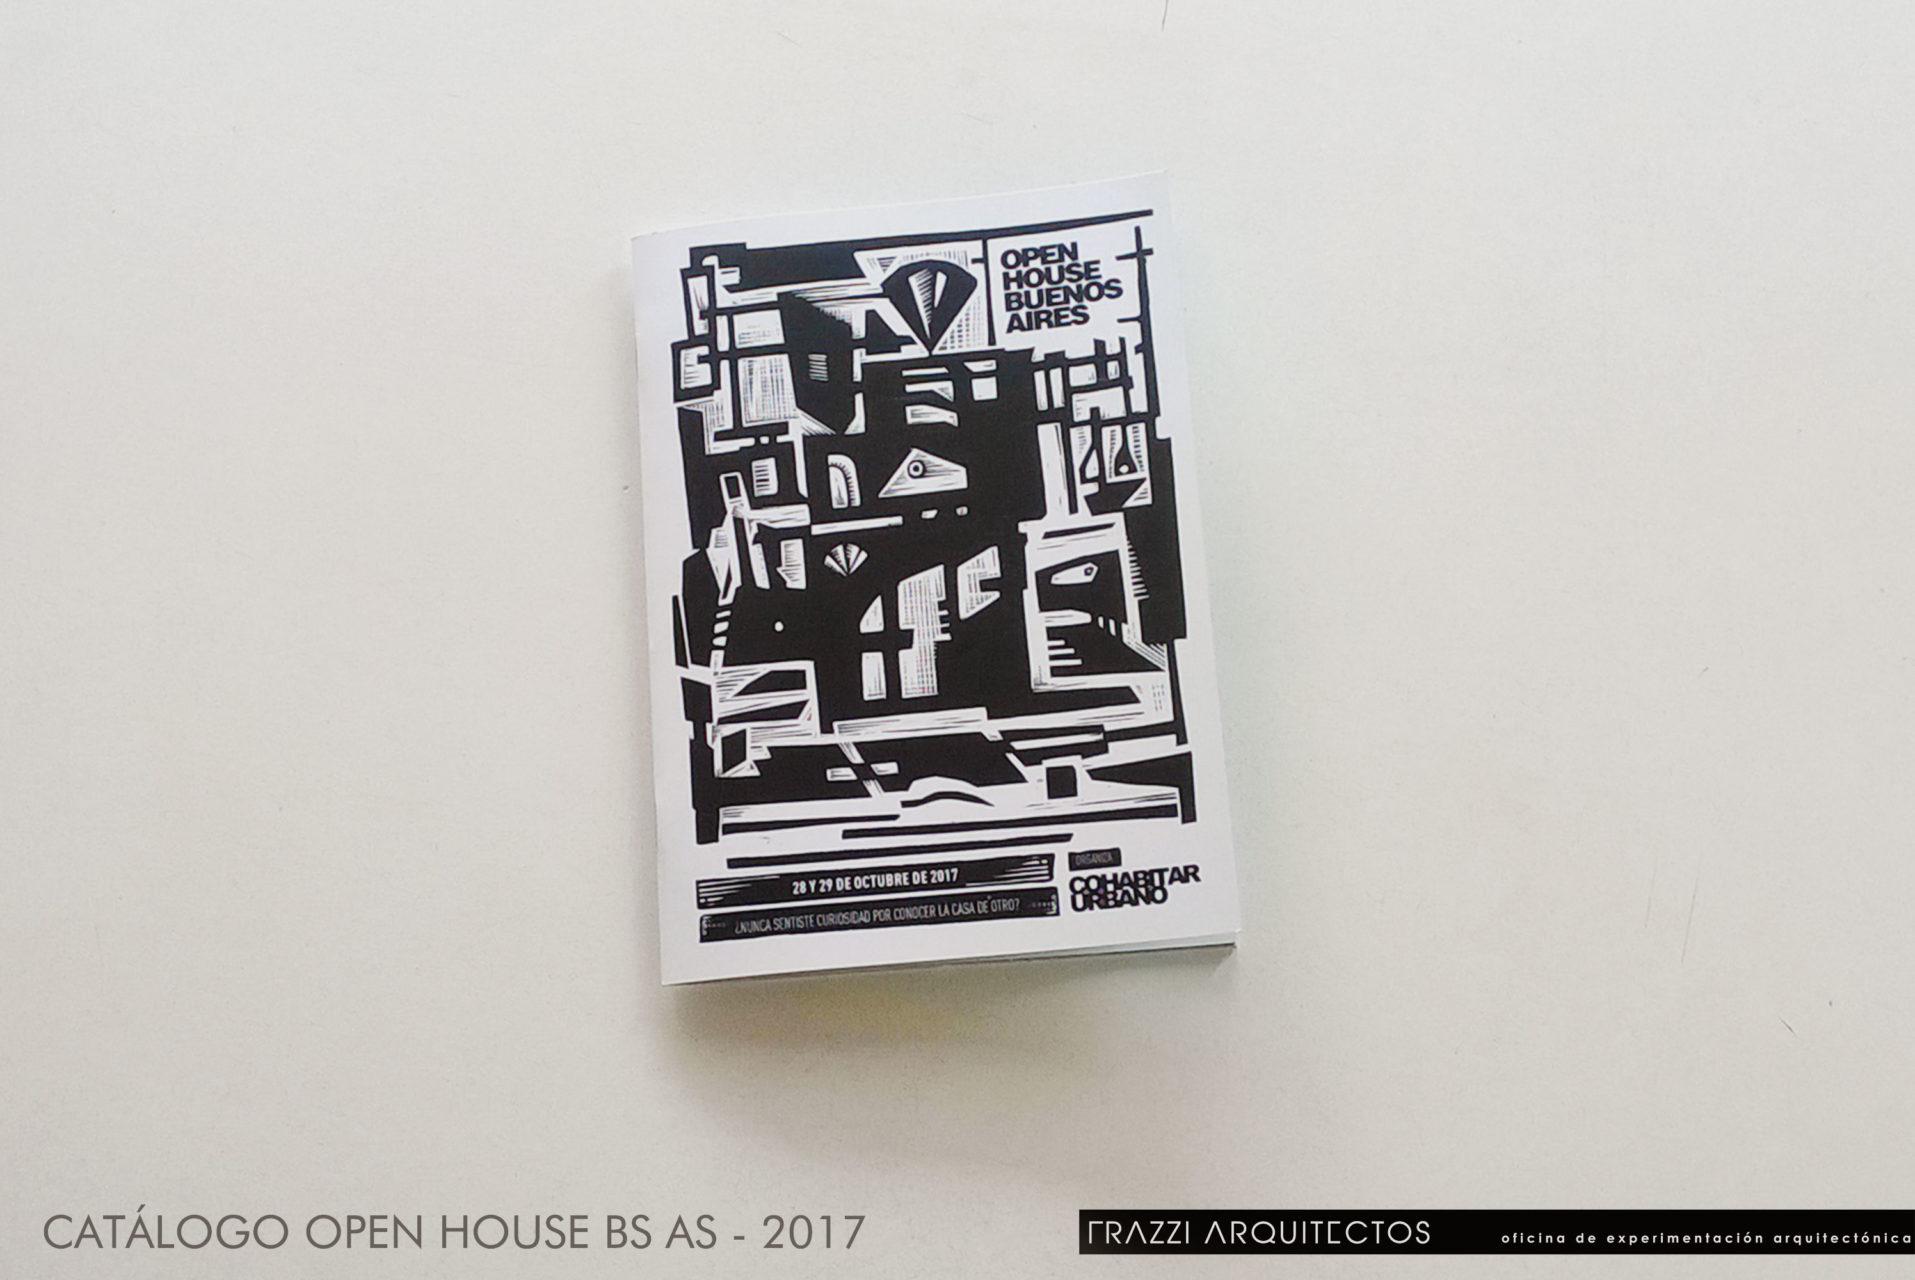 01-OPEN-HOUSE-CATÁLOGO-CON-RÓTULO